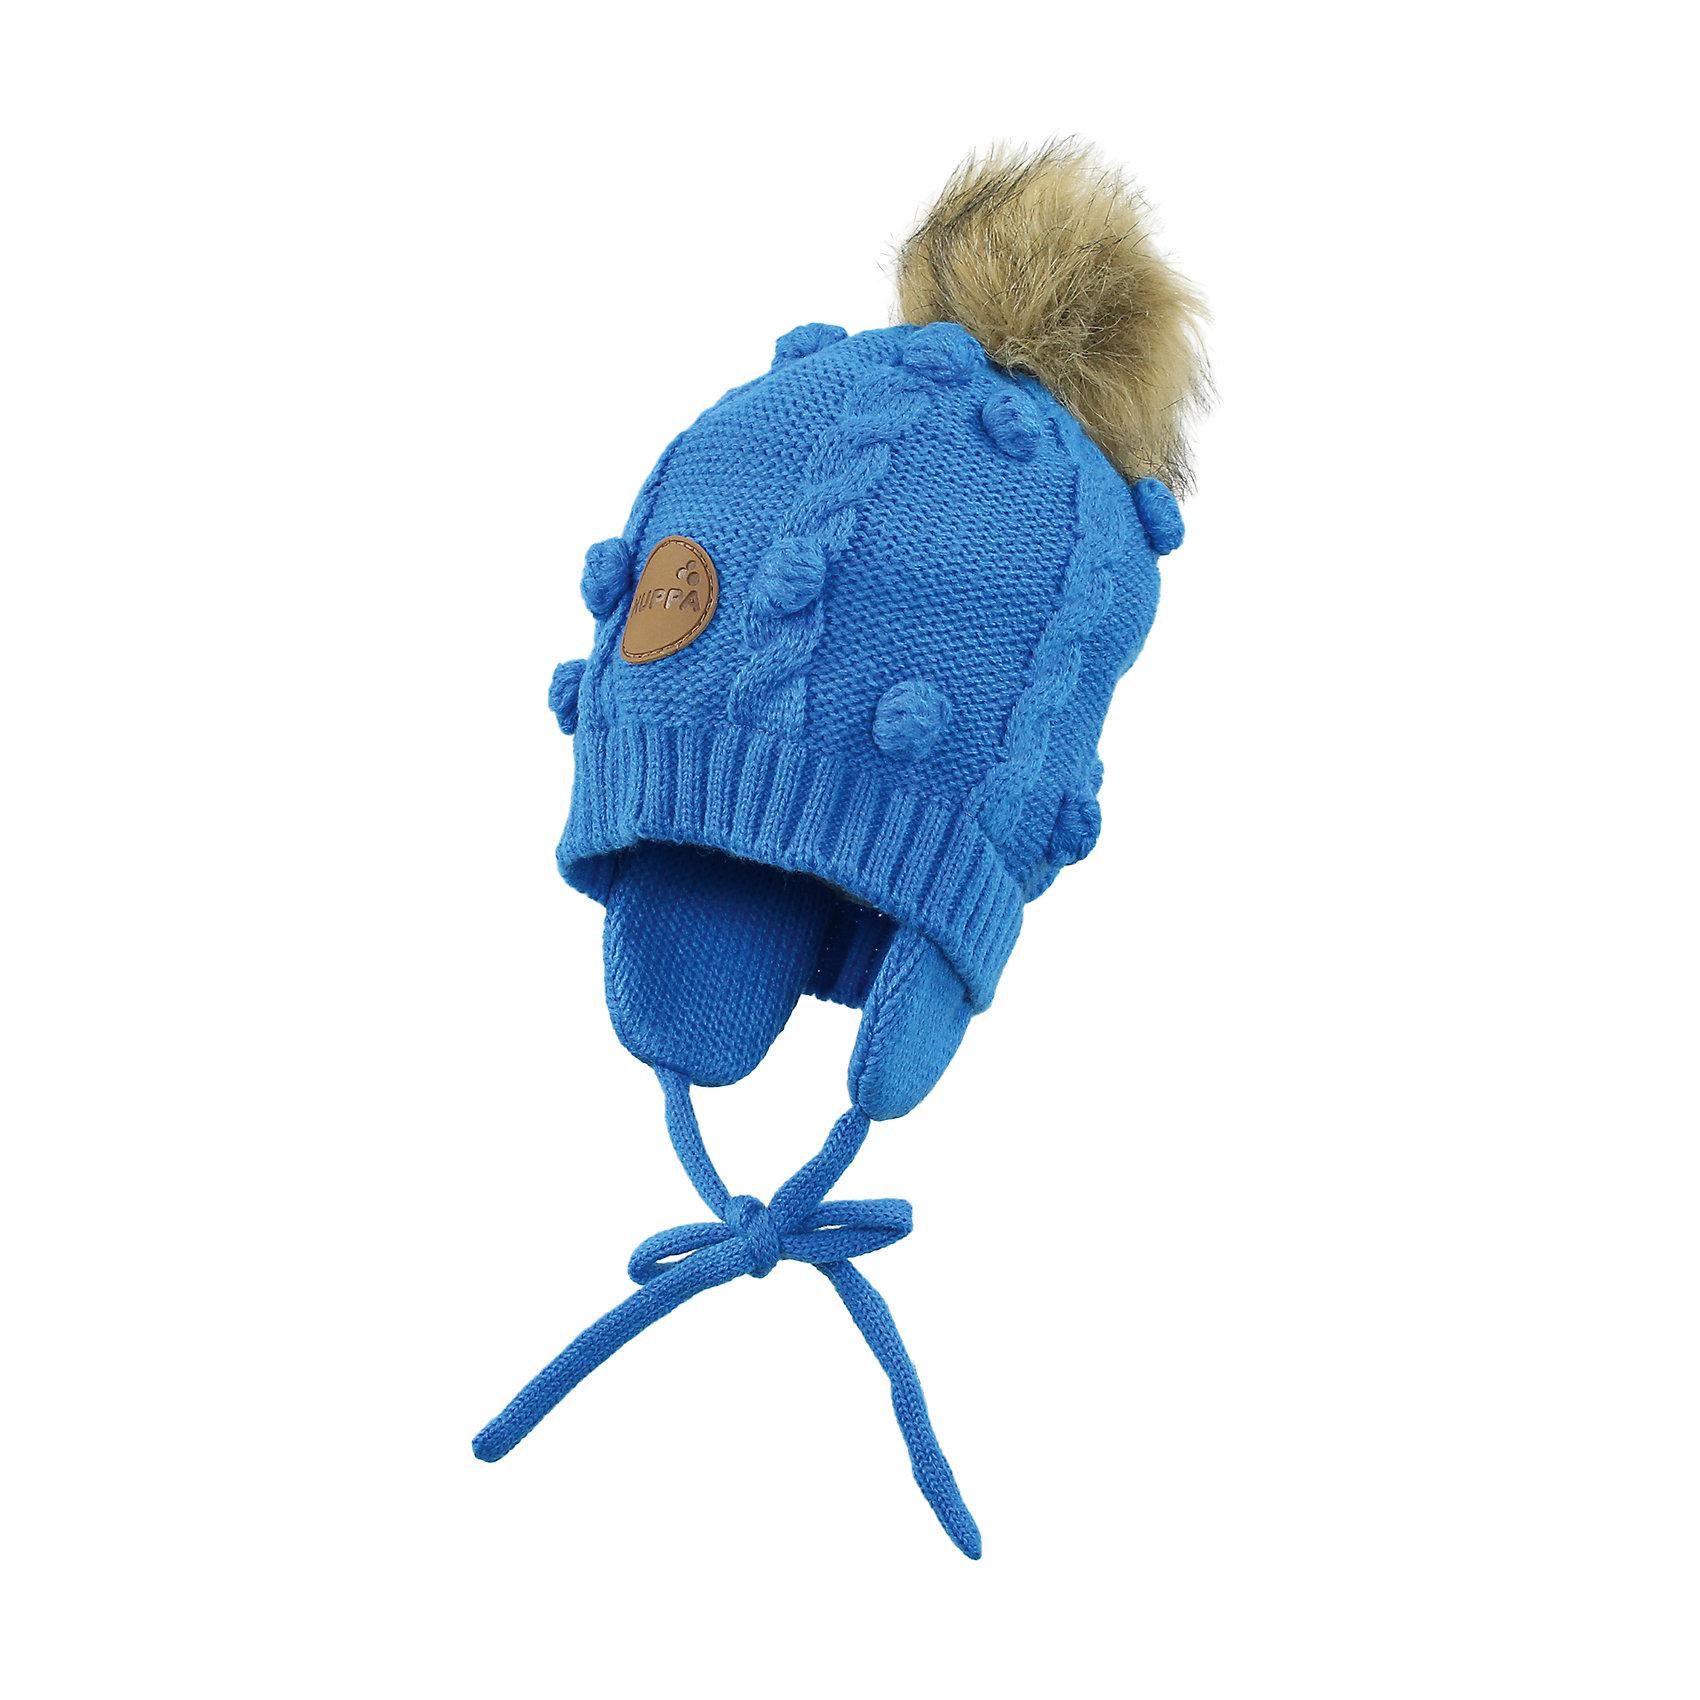 Шапка для мальчика HuppaГоловные уборы<br>Зимняя вязаная шапка с косичками для малышей. Подкладка из приятного хлопкового трикотажа и наружная часть из акриловой пряжи. Для удобства ношения у шапки есть ленты и защищающие уши от холода маленькие клапаны. В качестве украшения добавлен модный меховой помпон. <br><br>Шапку для мальчика Huppa (Хуппа) можно купить в нашем магазине.<br><br>Ширина мм: 89<br>Глубина мм: 117<br>Высота мм: 44<br>Вес г: 155<br>Цвет: голубой<br>Возраст от месяцев: 9<br>Возраст до месяцев: 12<br>Пол: Мужской<br>Возраст: Детский<br>Размер: 43-45,47-49,51-53<br>SKU: 4242900